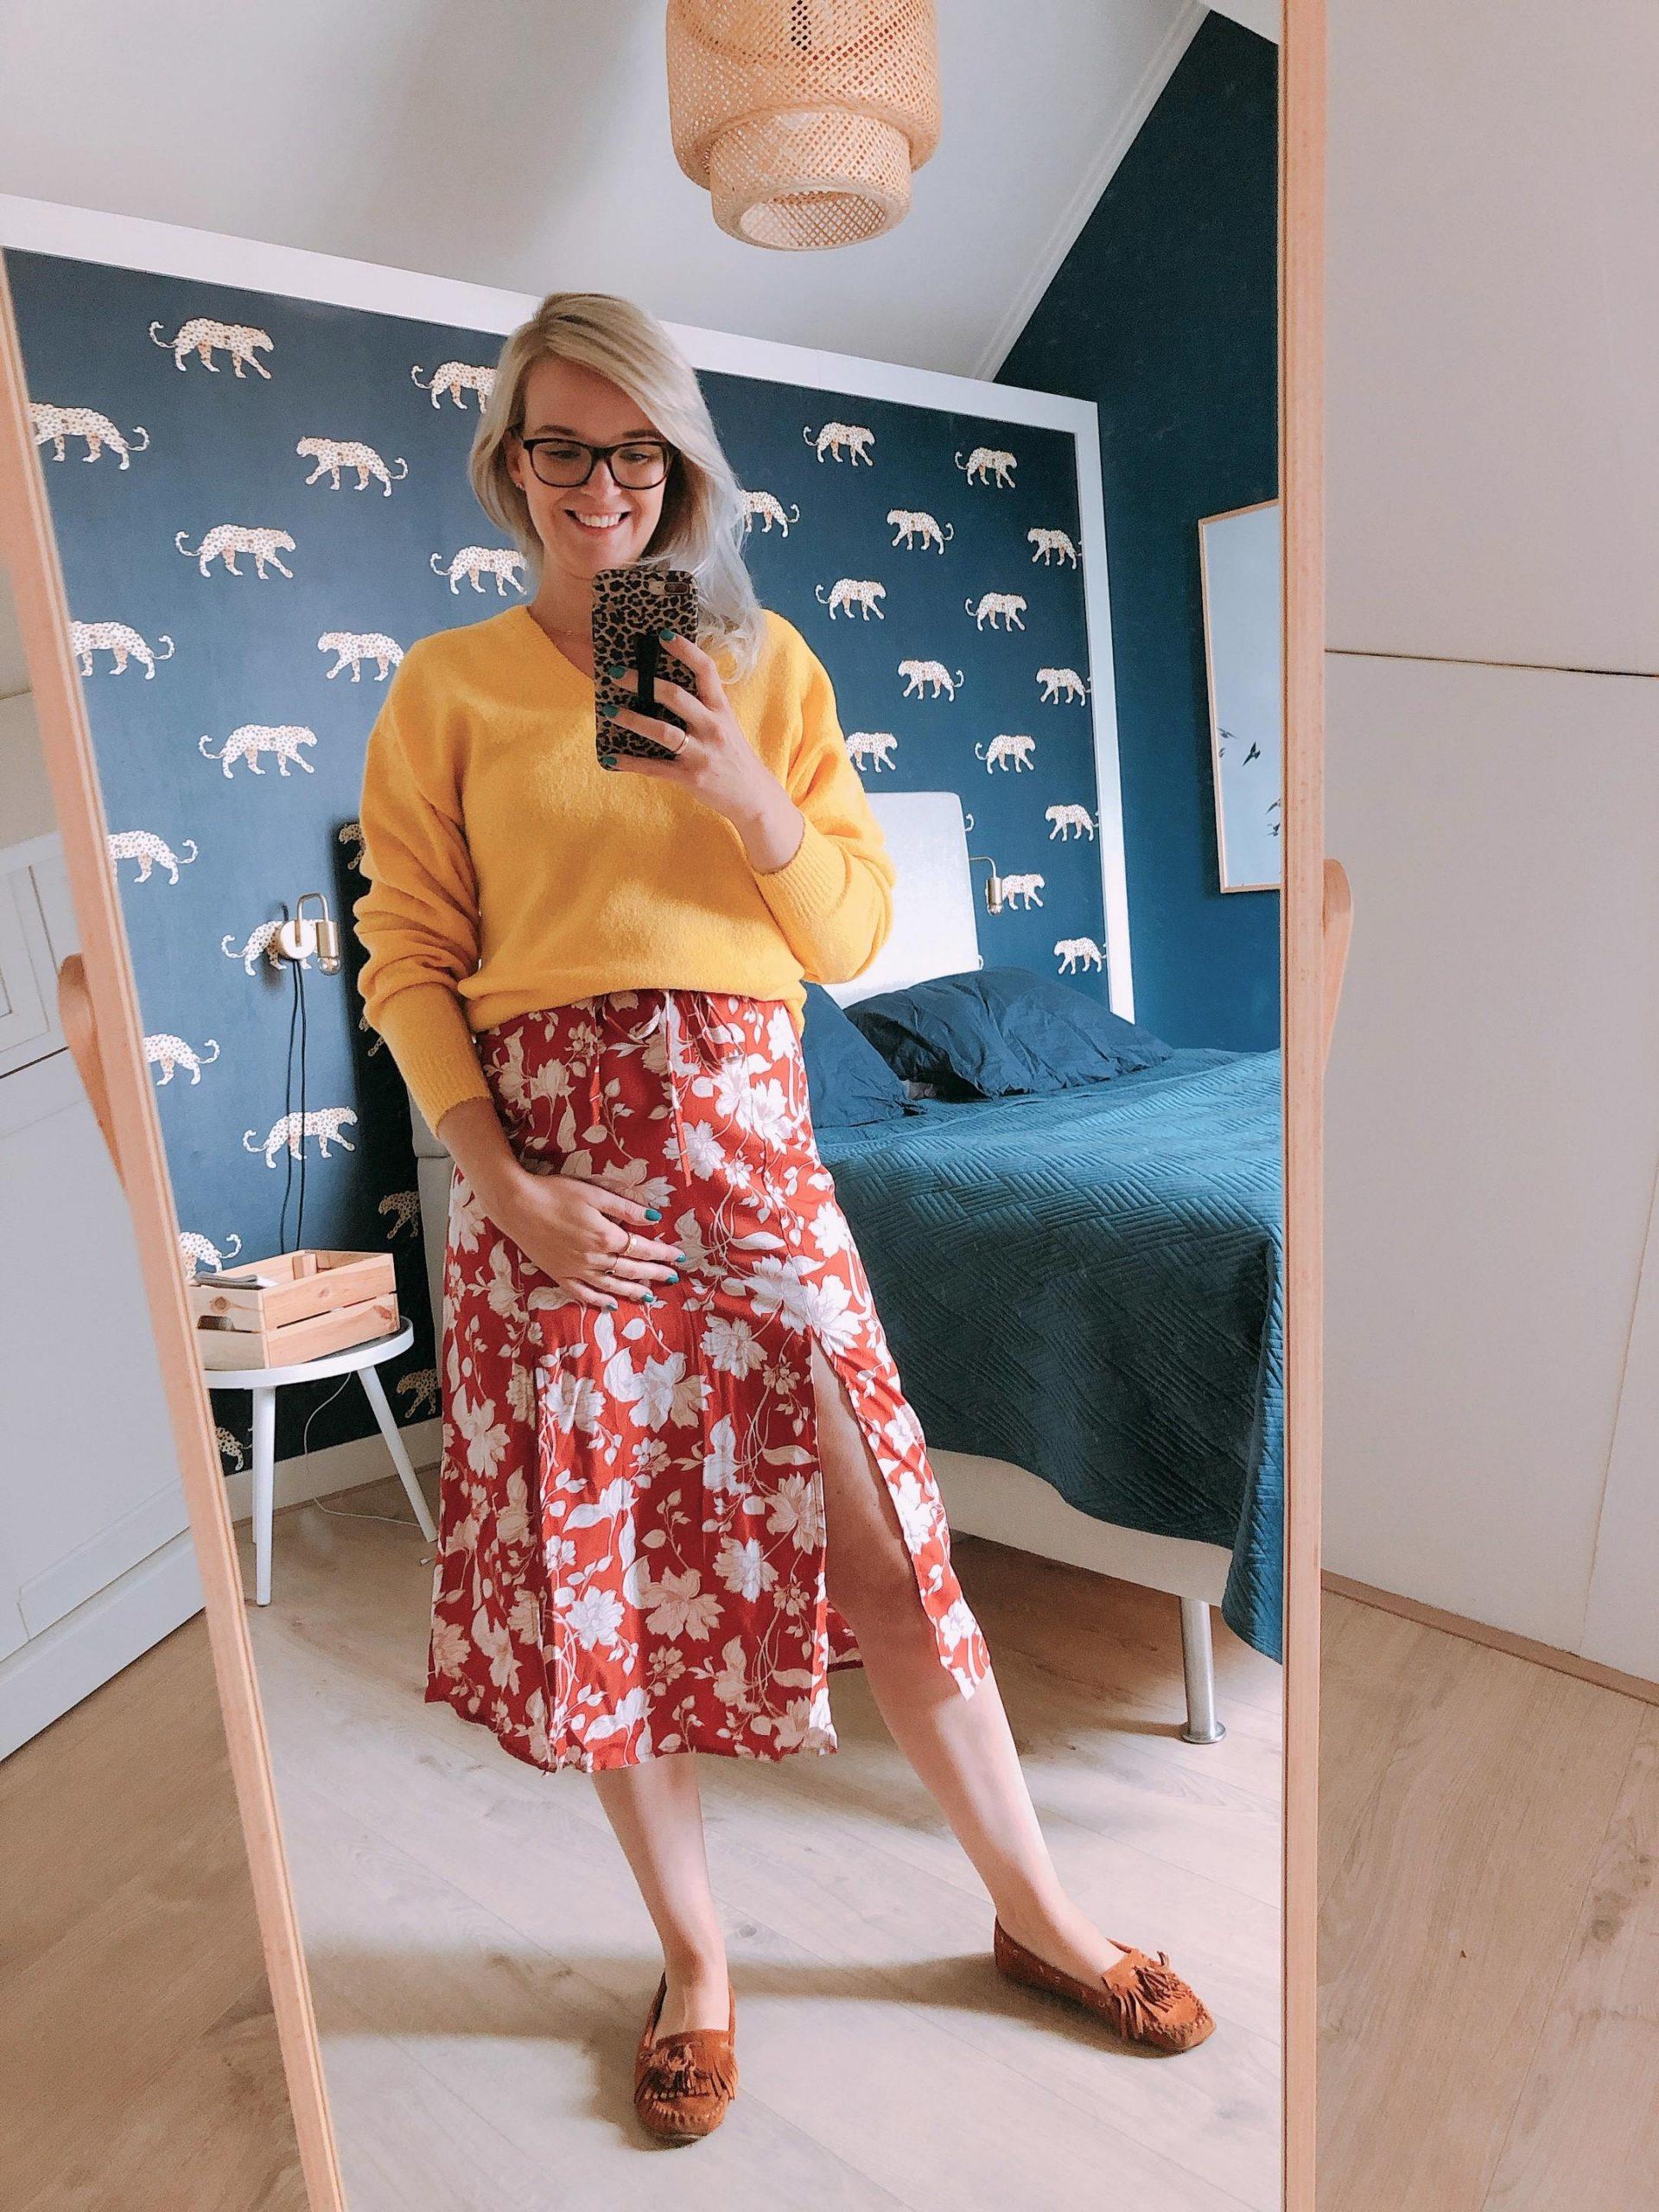 IMG 3158 2160x2880 1 scaled - Kledingshoplog - outfits updaten van zomer naar herfst & winter!